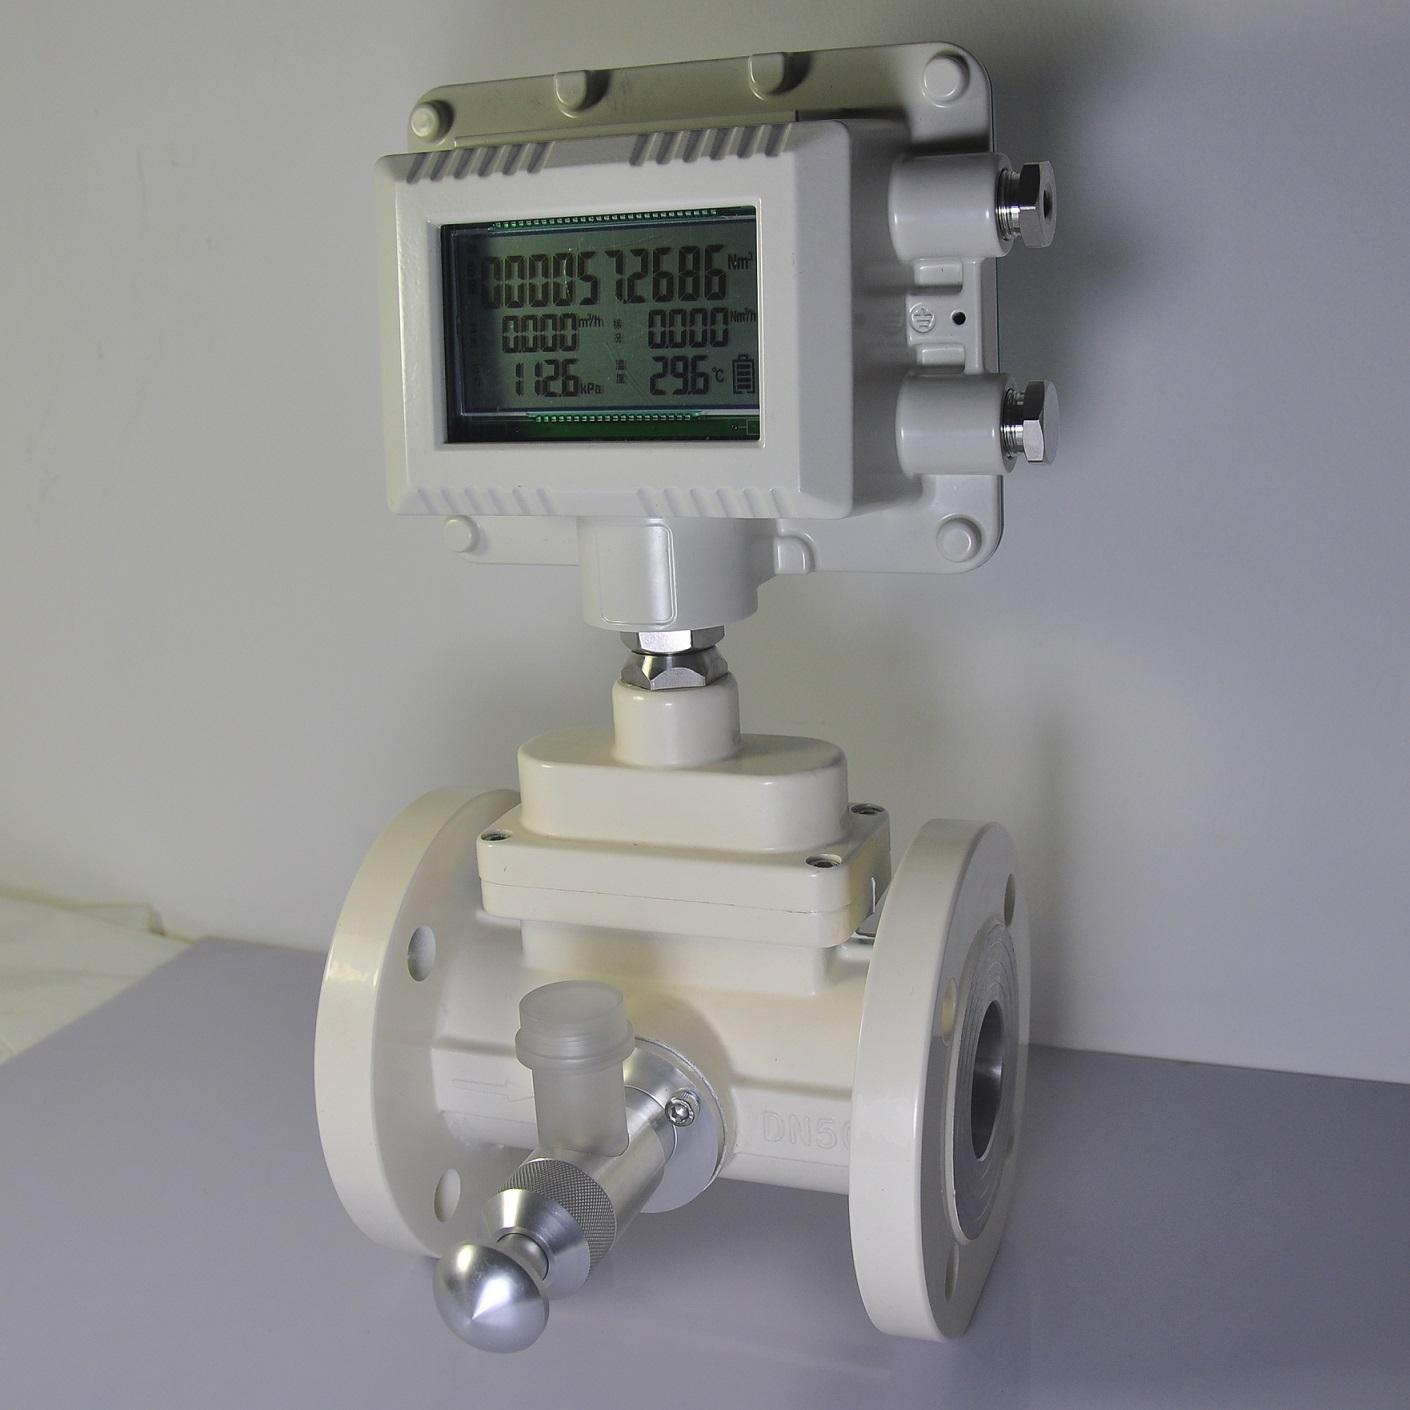 LWQ系列智能一体气体涡轮流量计安装注意事项